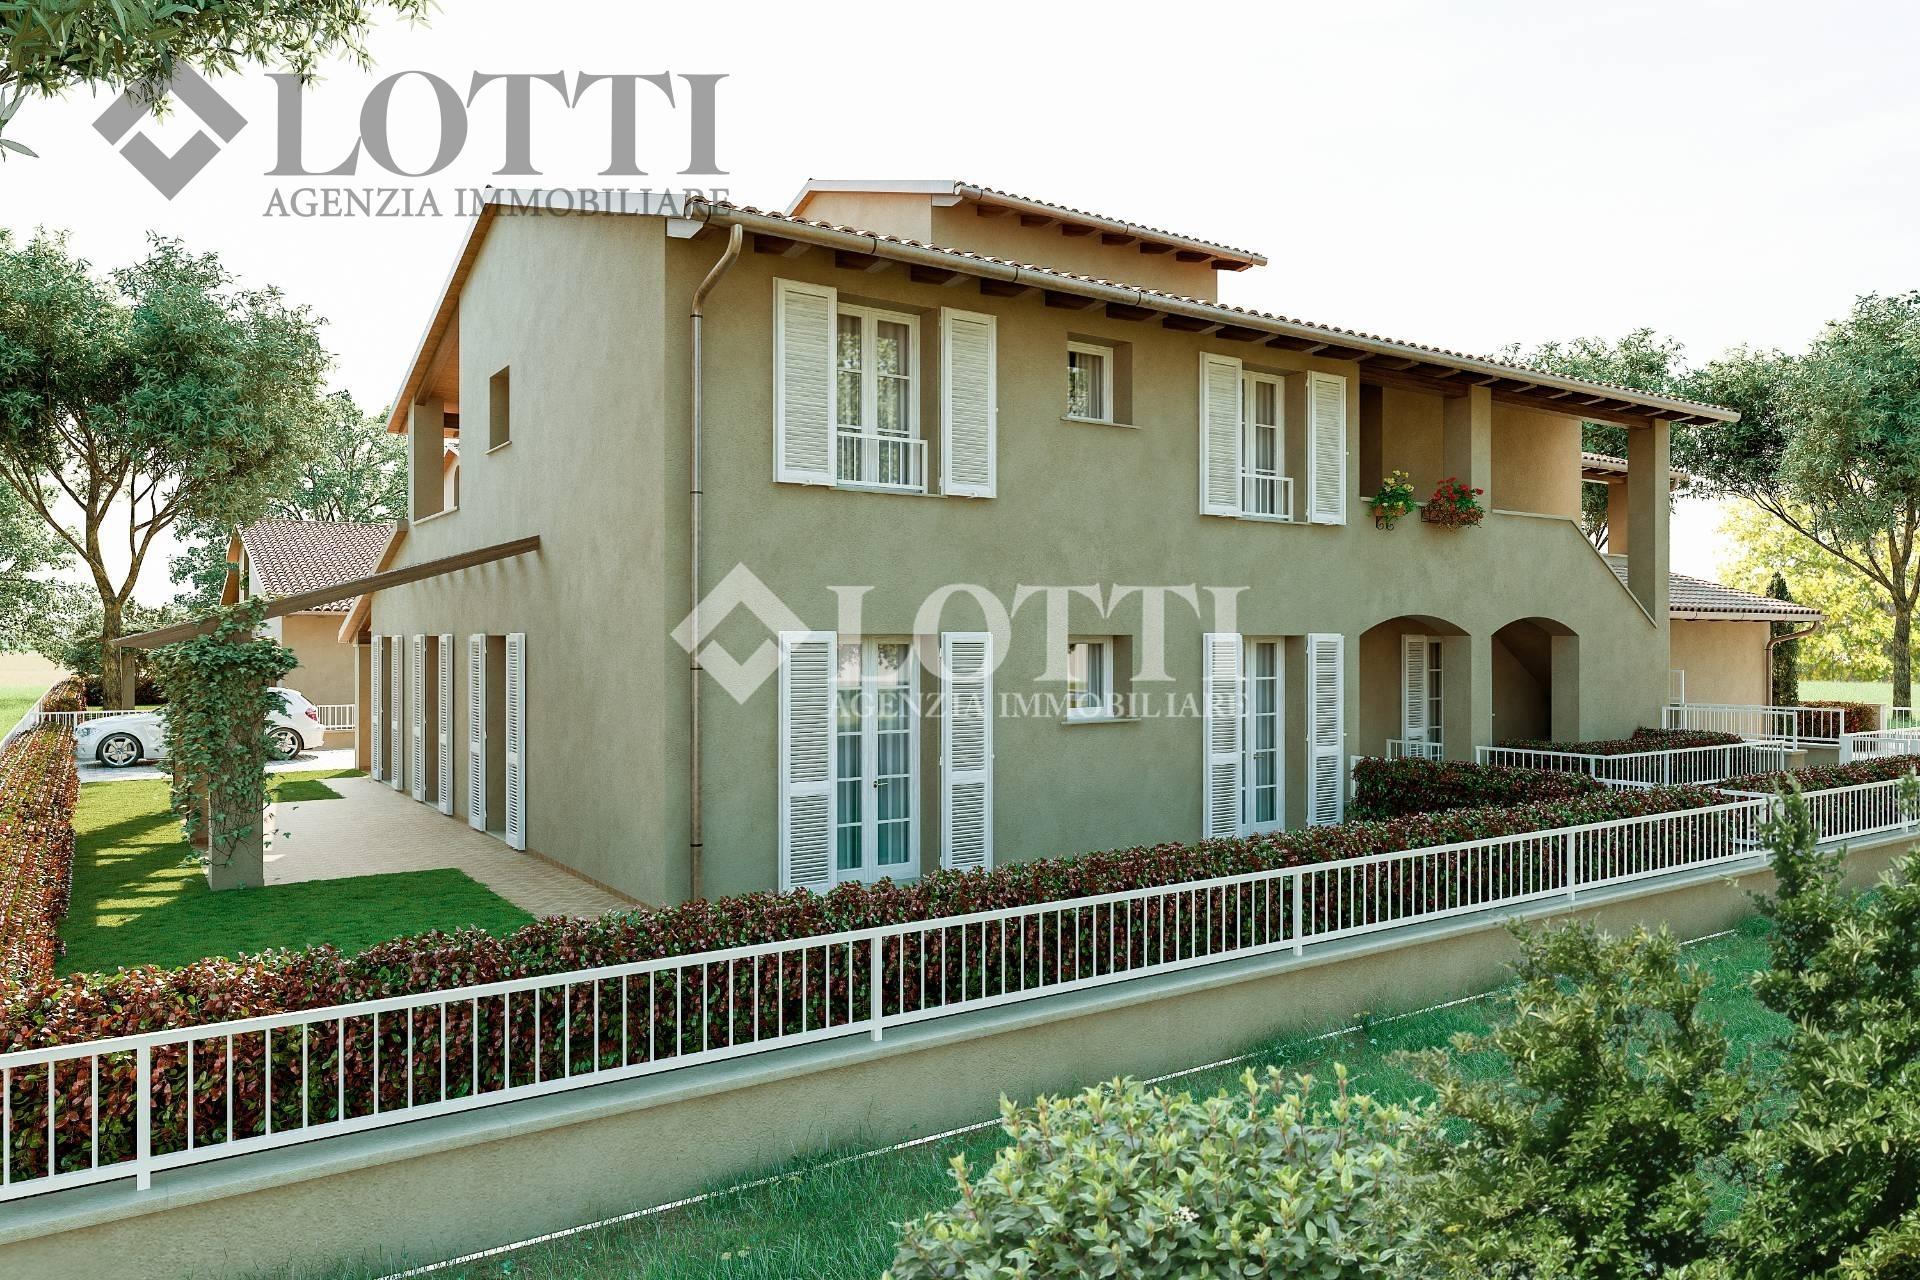 Appartamento in vendita, rif. 243-B